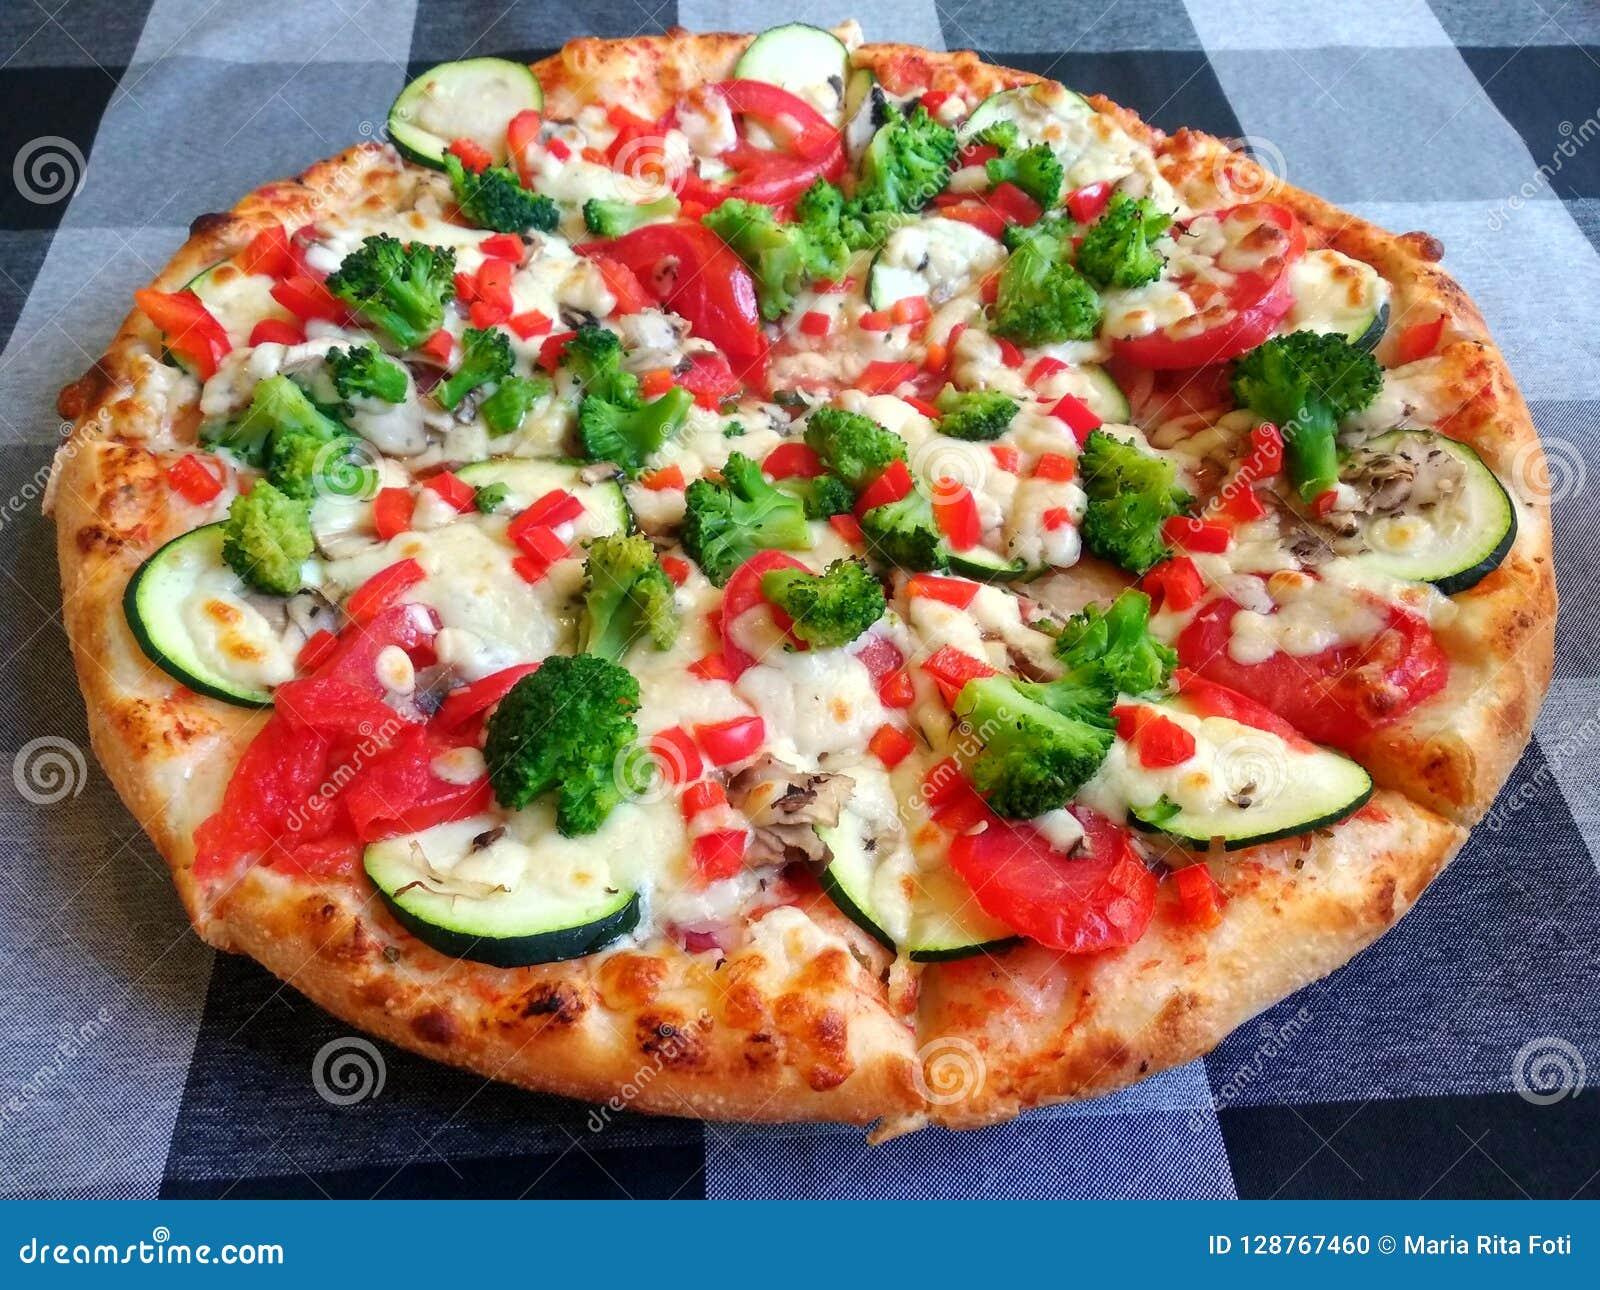 Vegetarian pizza with broccoli, zucchini, tomato, pepper and mozzarella on a checked table cloth